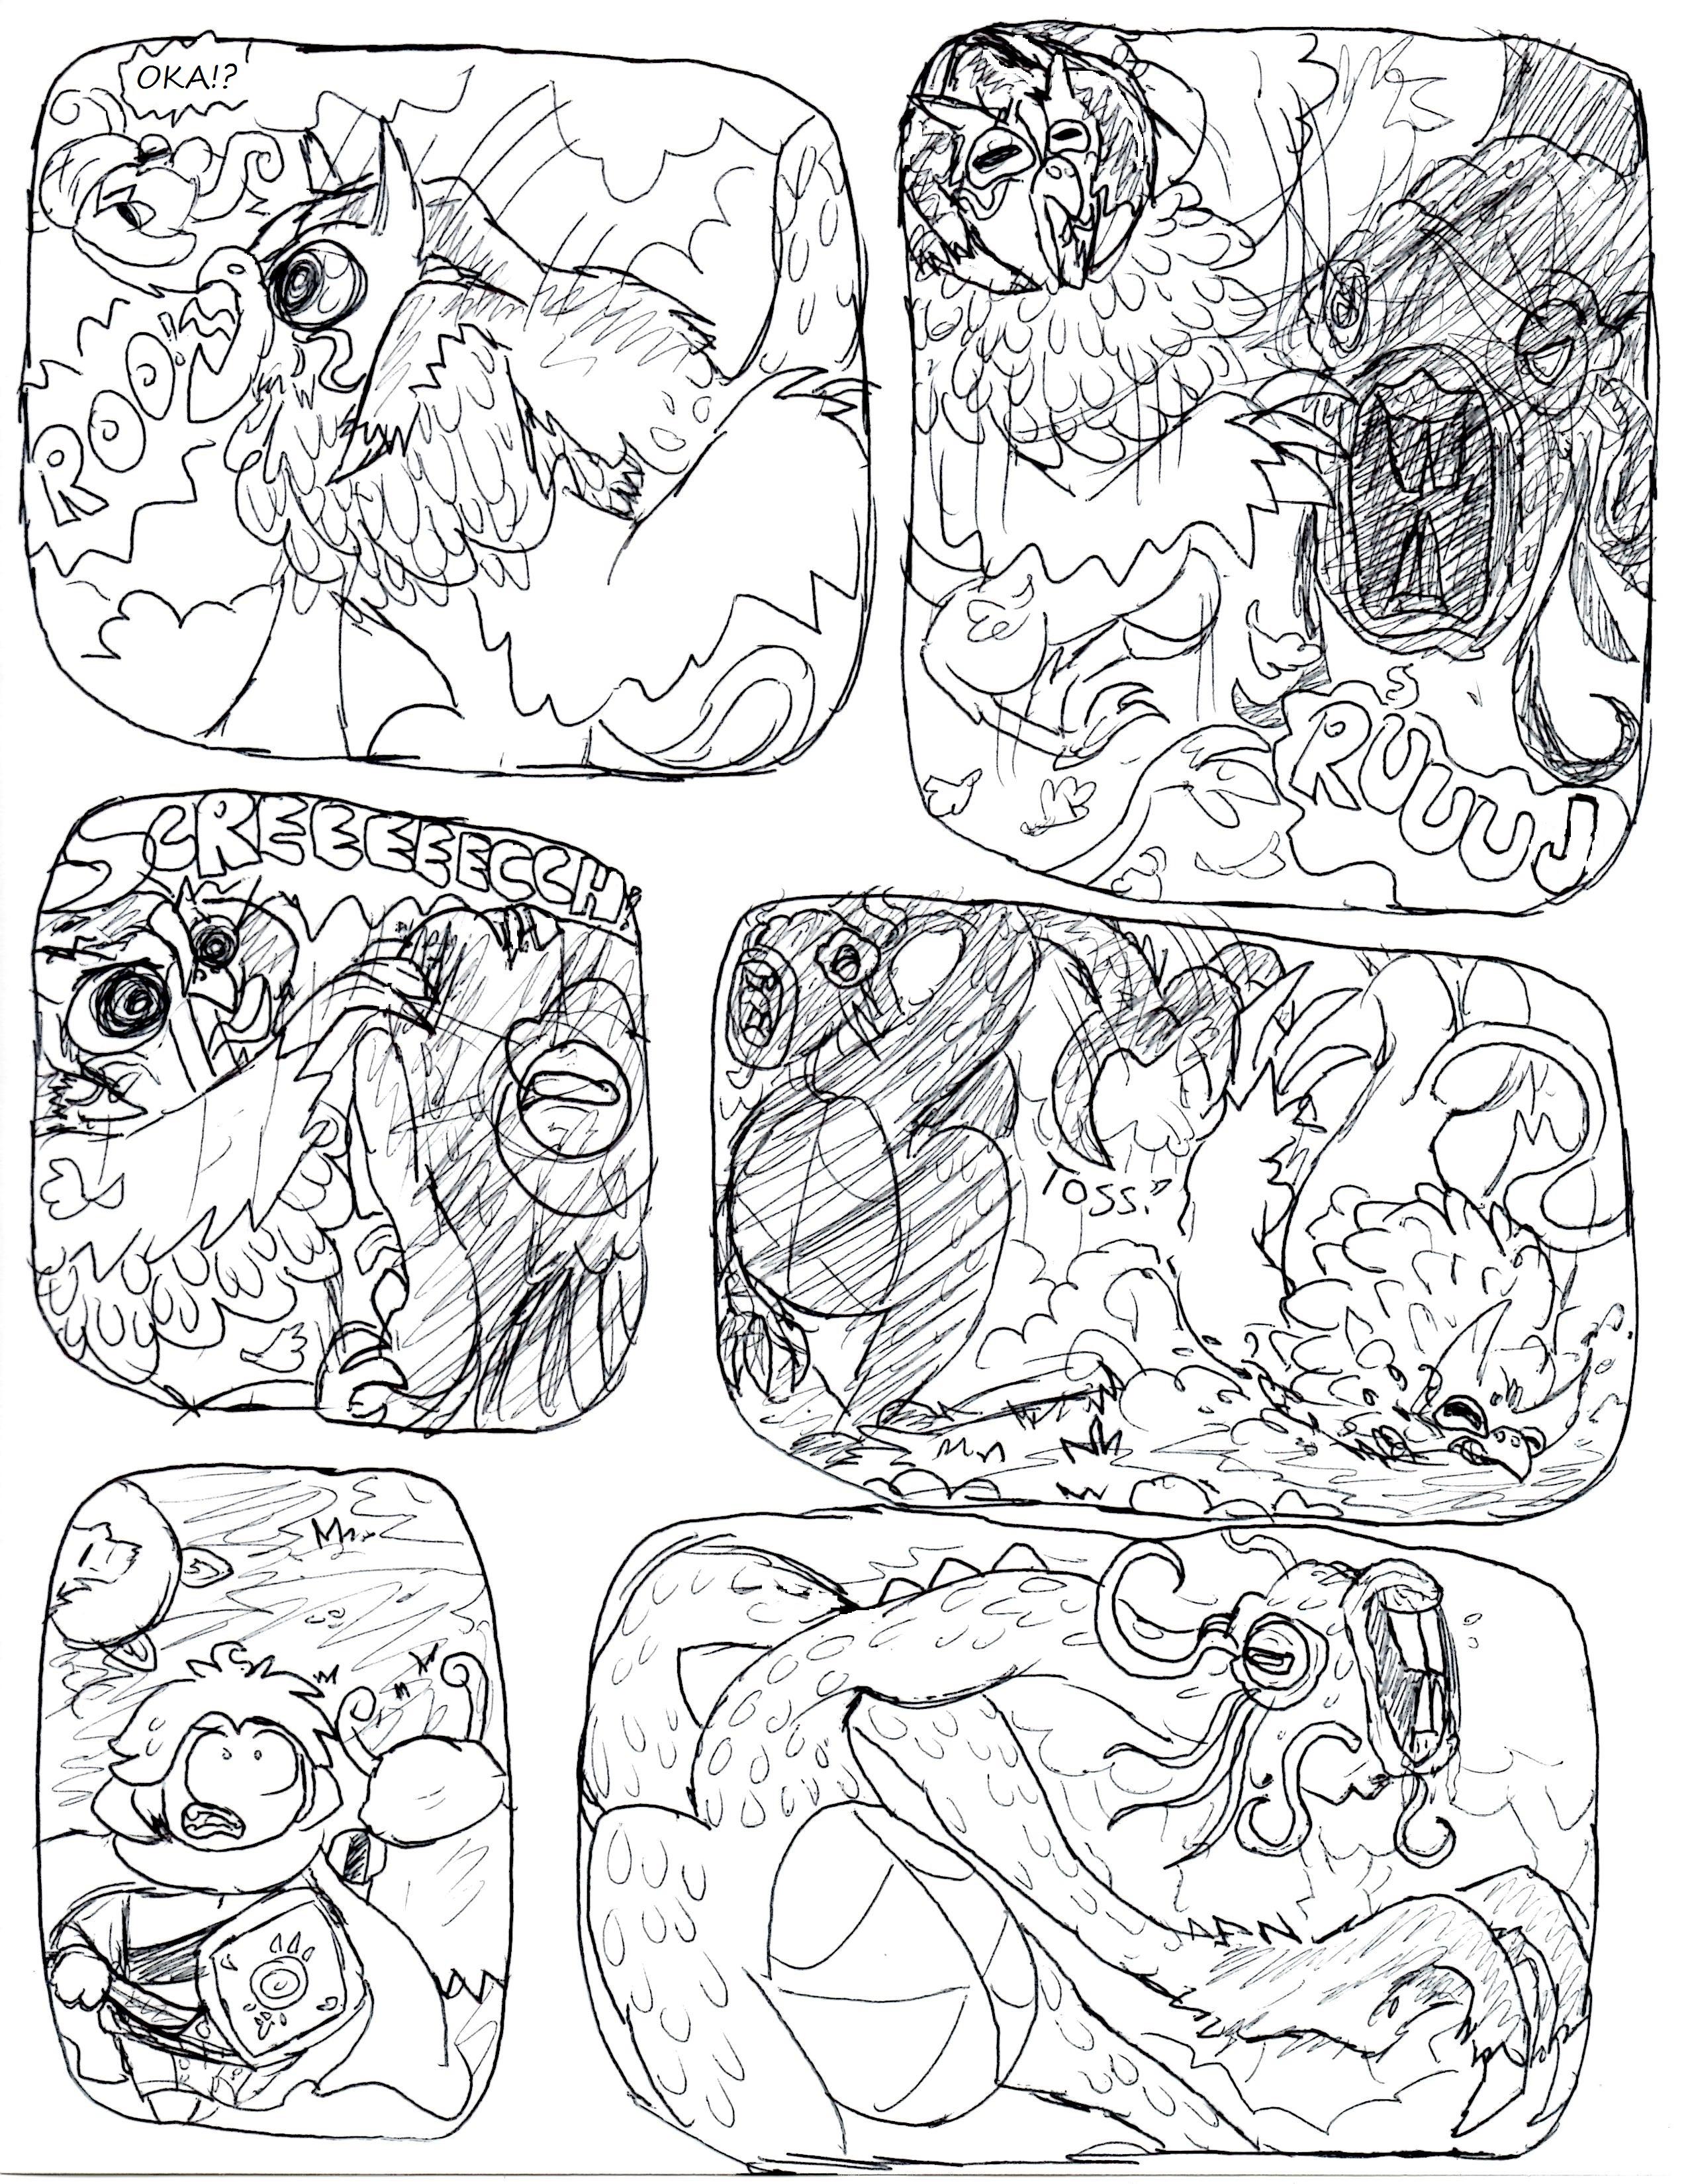 COV6 Page 63